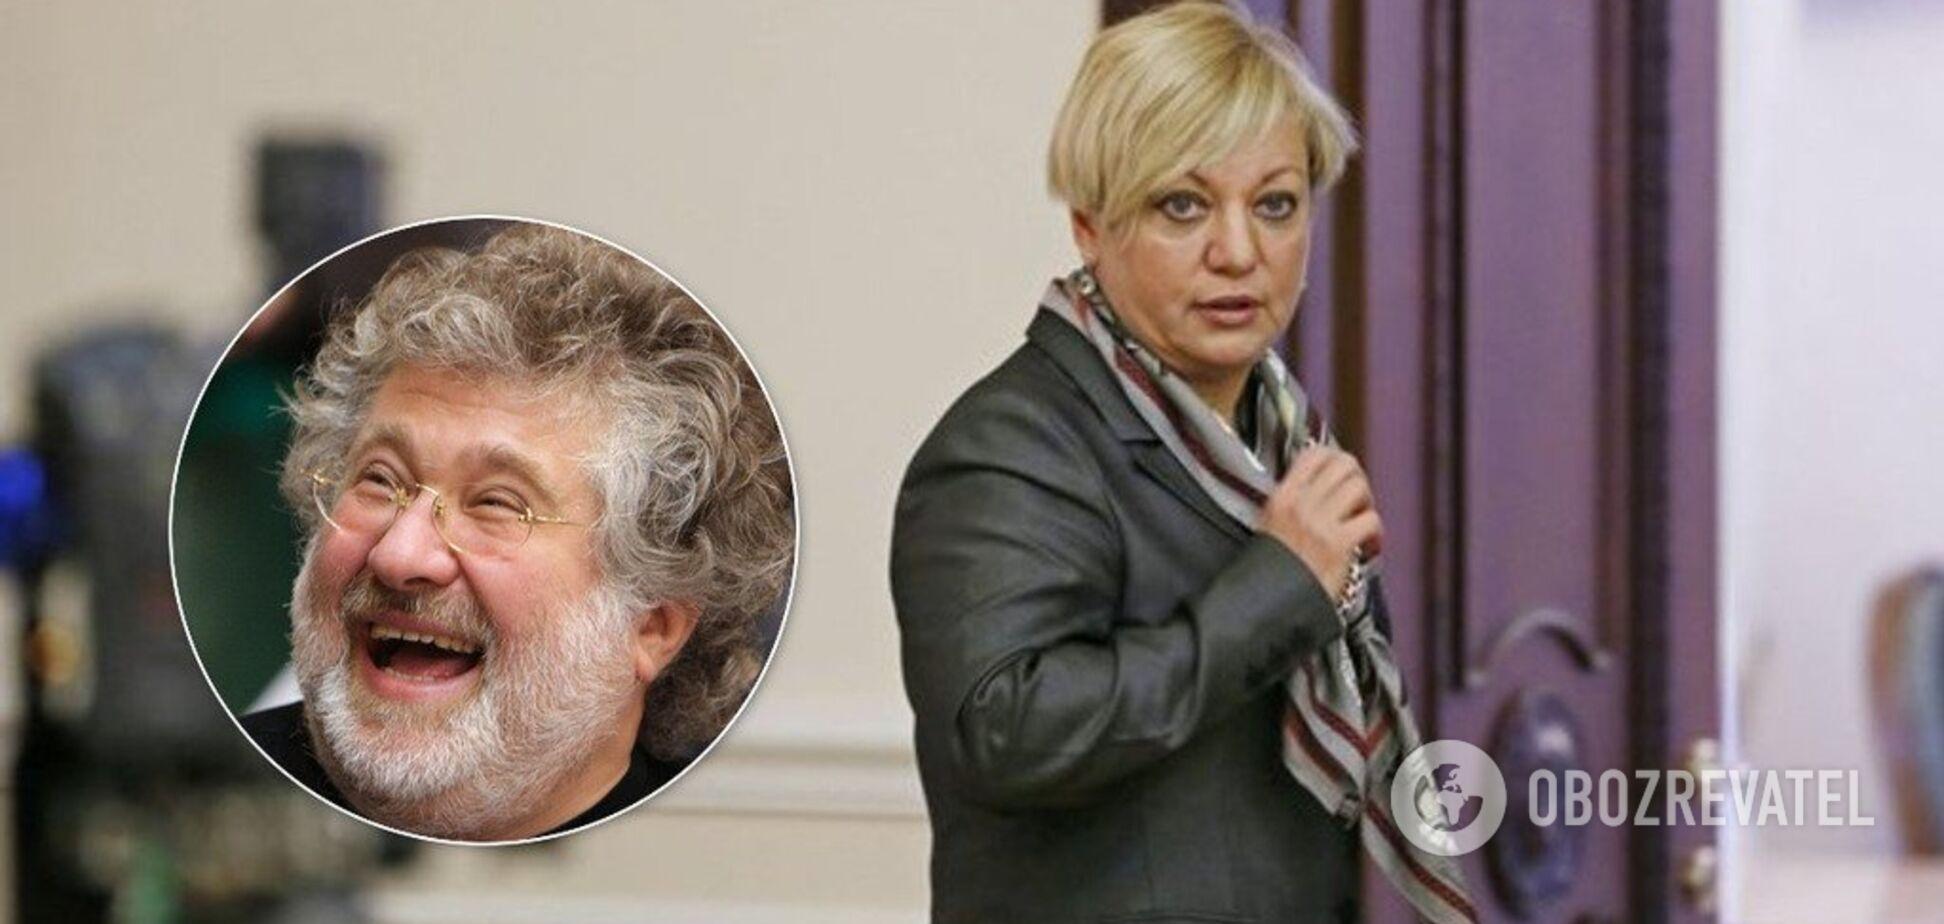 'Якщо зі мною щось трапиться': Гонтарева заявила про погрози Коломойського